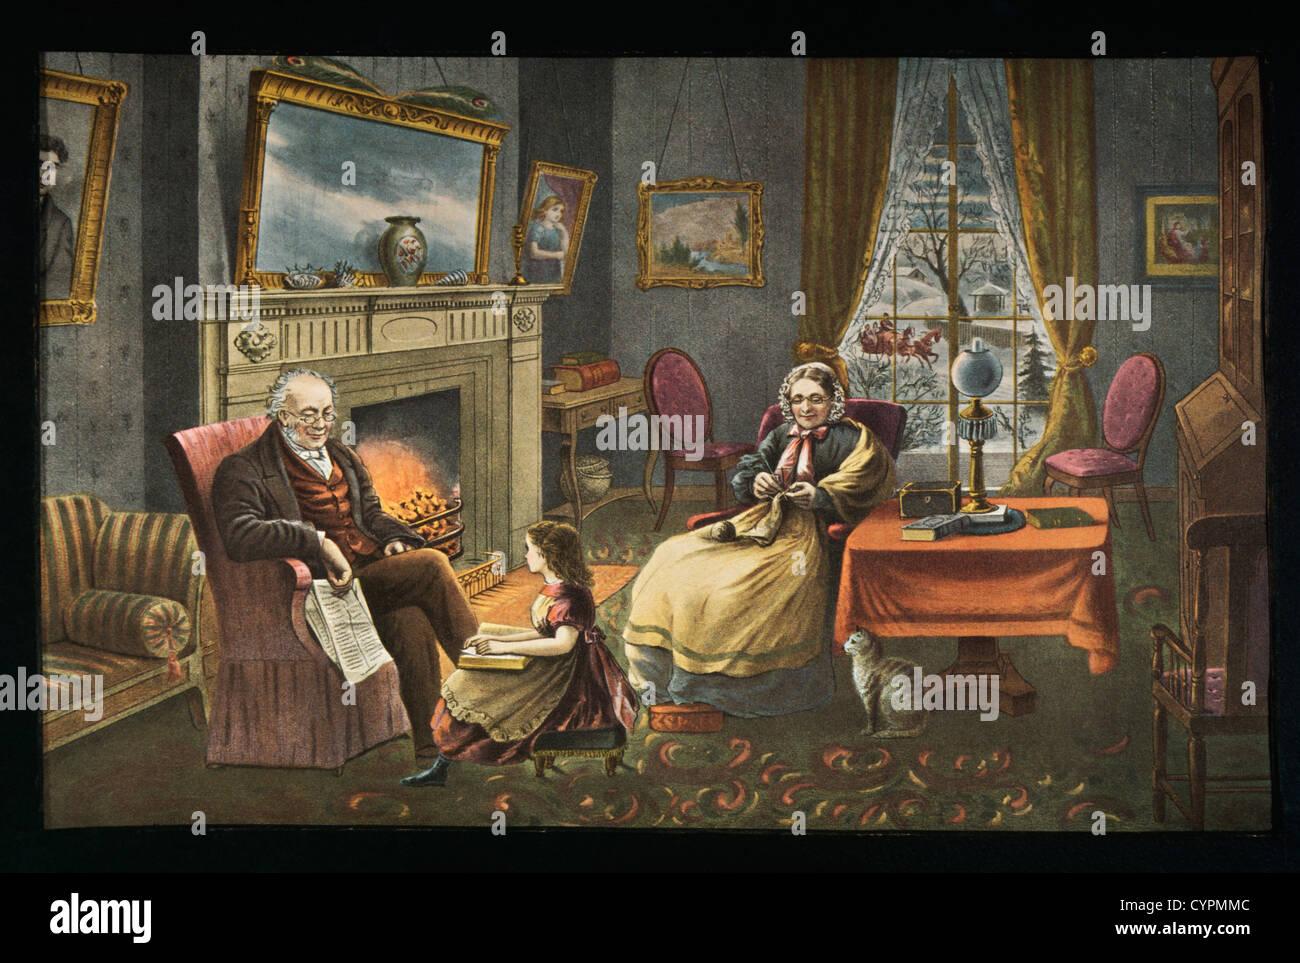 Vier Jahreszeiten des Lebens: Alter, Currier & Ives, Lithographie, 1868 Stockbild